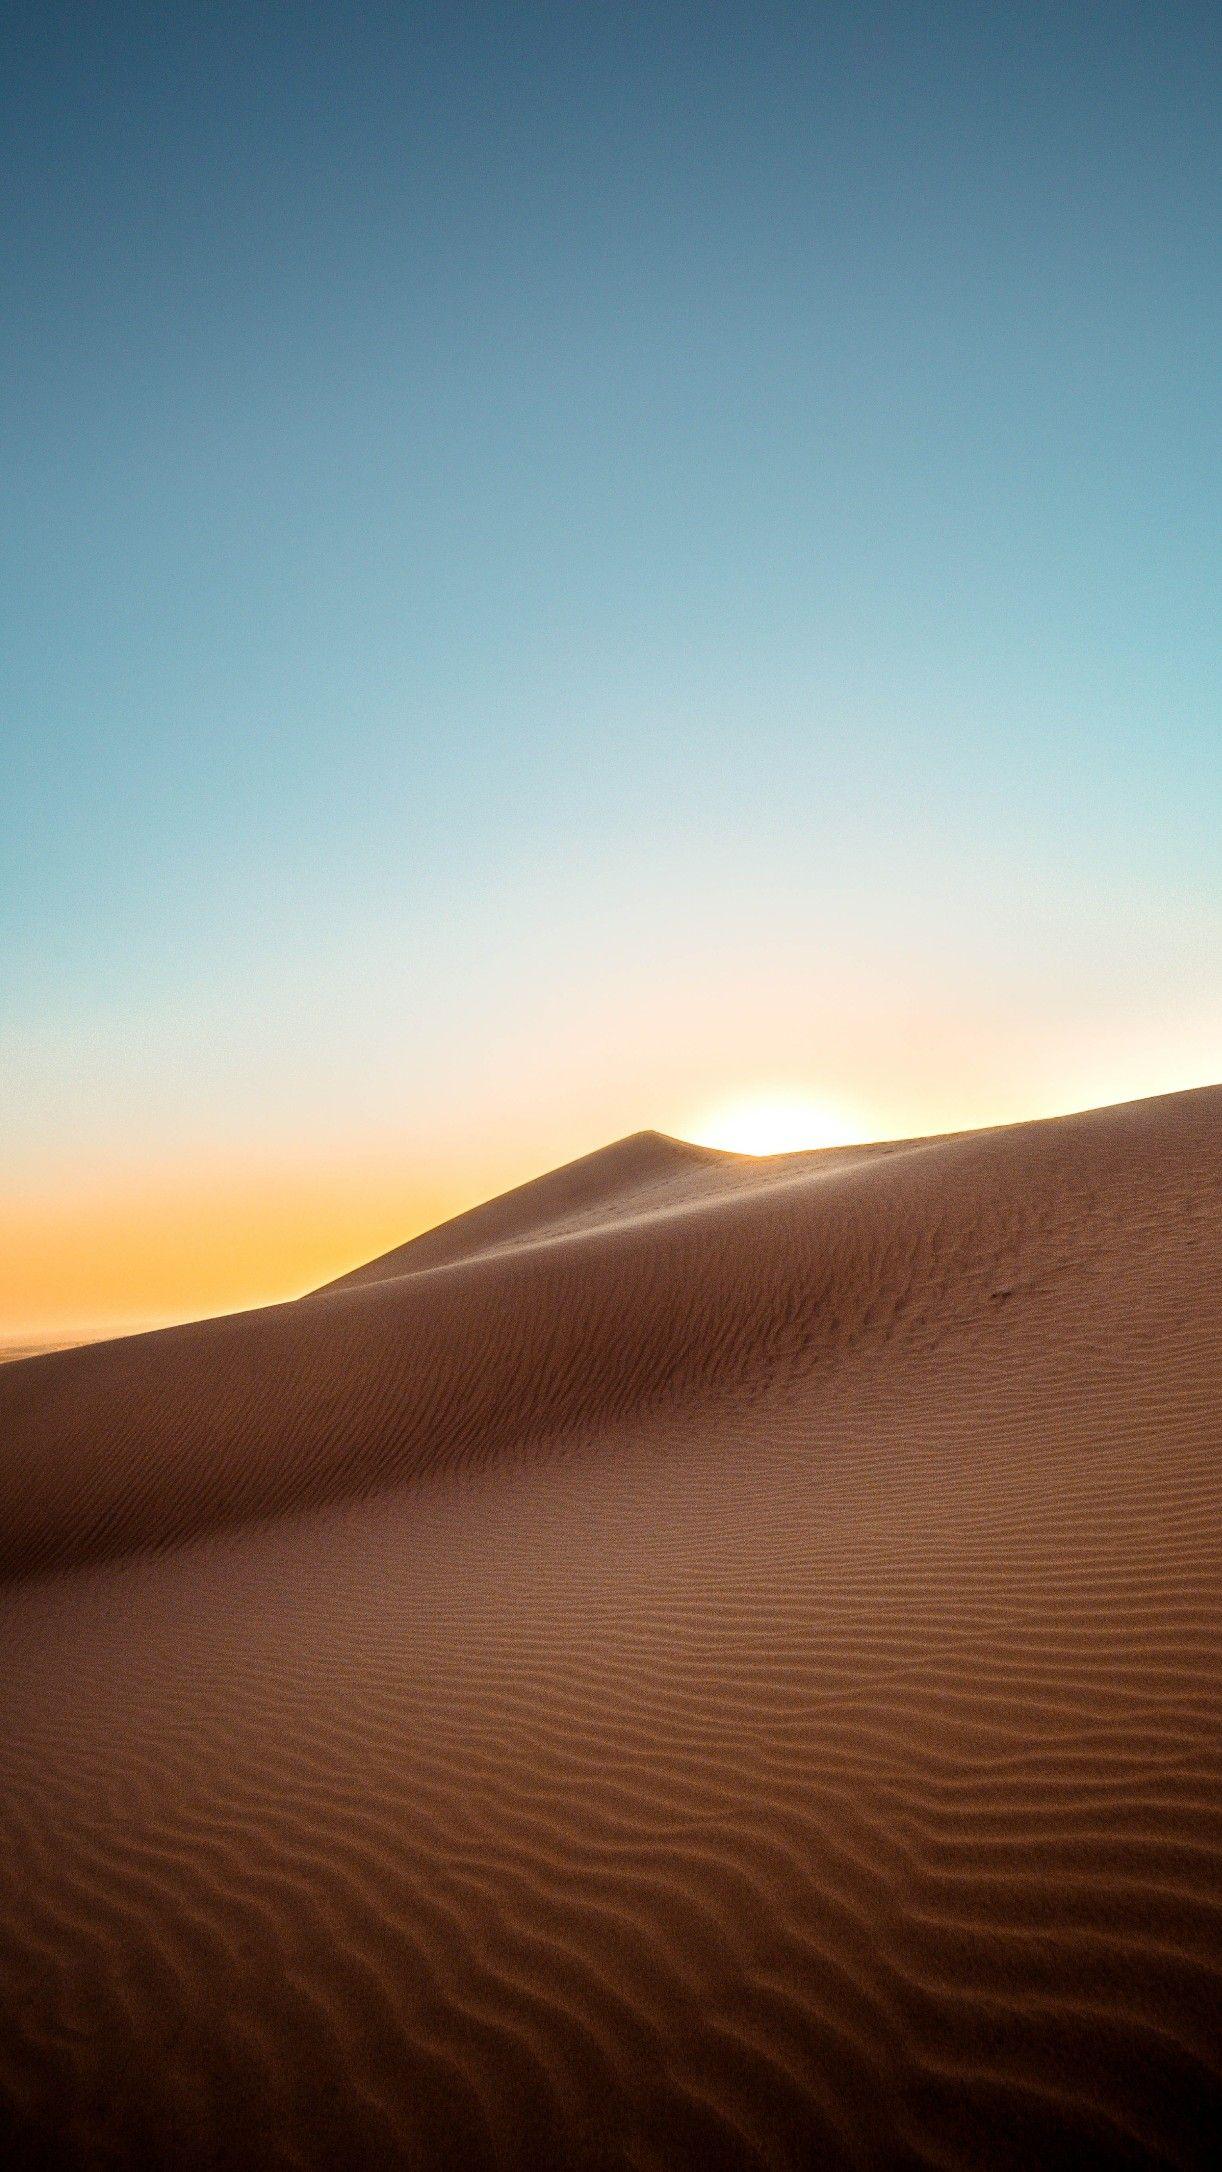 Desert Sand Wallpaper Background Amoled Landscape Wallpaper Landscape Background Landscape Photography